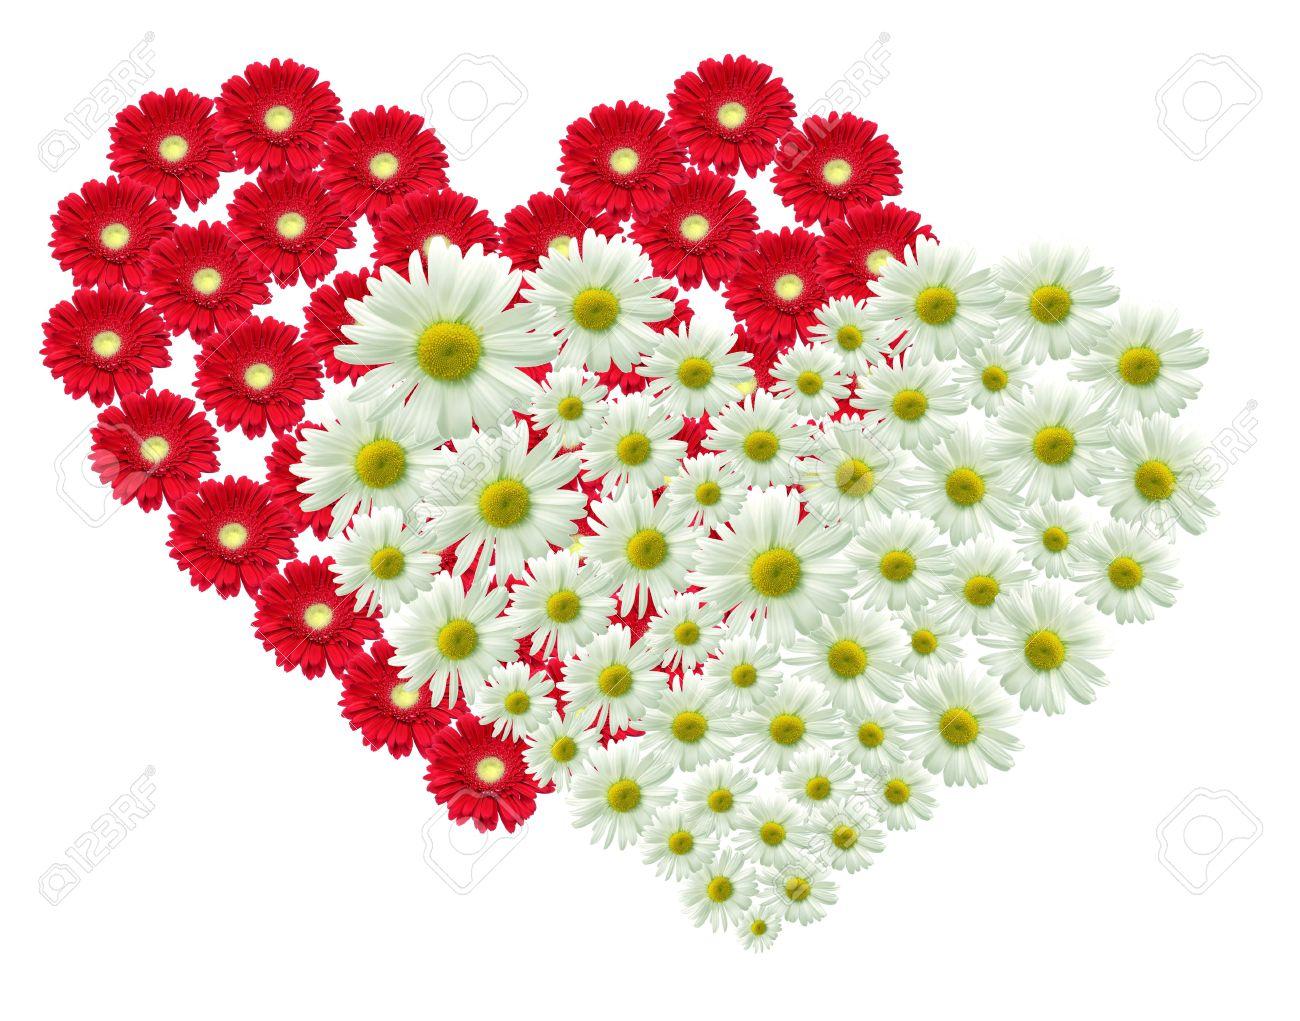 2 Gran Corazon Hecho De Flores Rojas Y Blancas Fotos Retratos